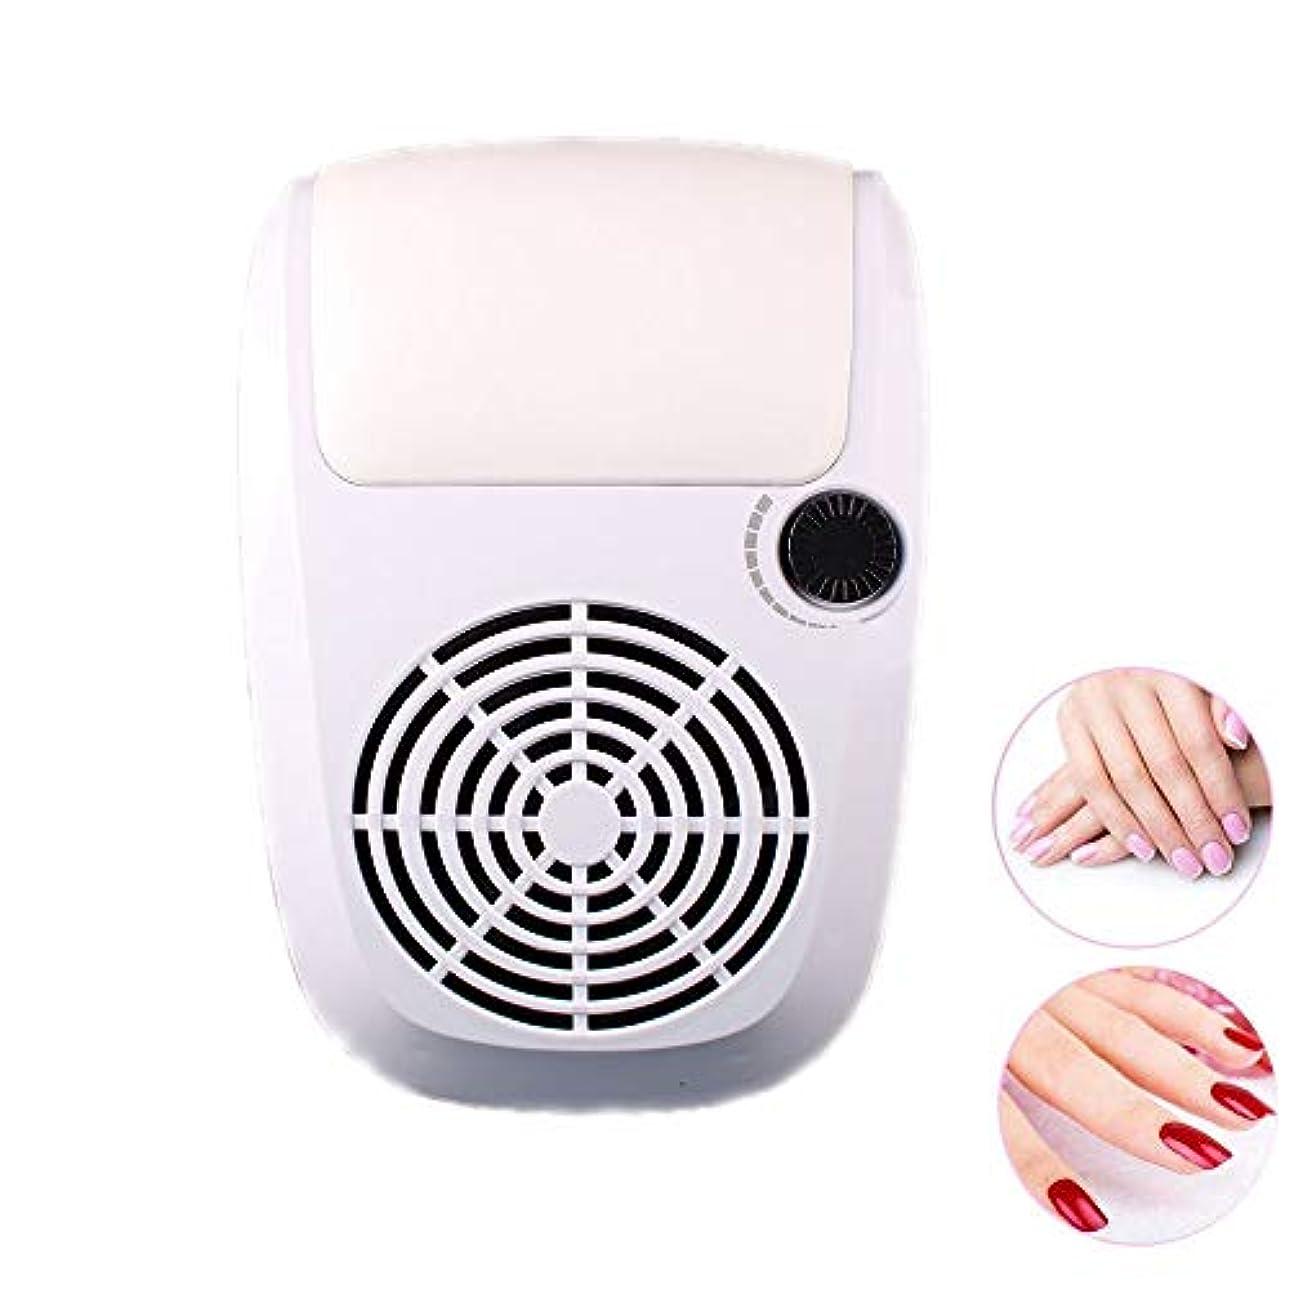 十二モジュールヒロイック調節可能な掃除機、2つの塵袋が付いている調節可能で強力で釘の掃除機のマニキュア用具、実用的で釘の大広間のクリーニング装置,白